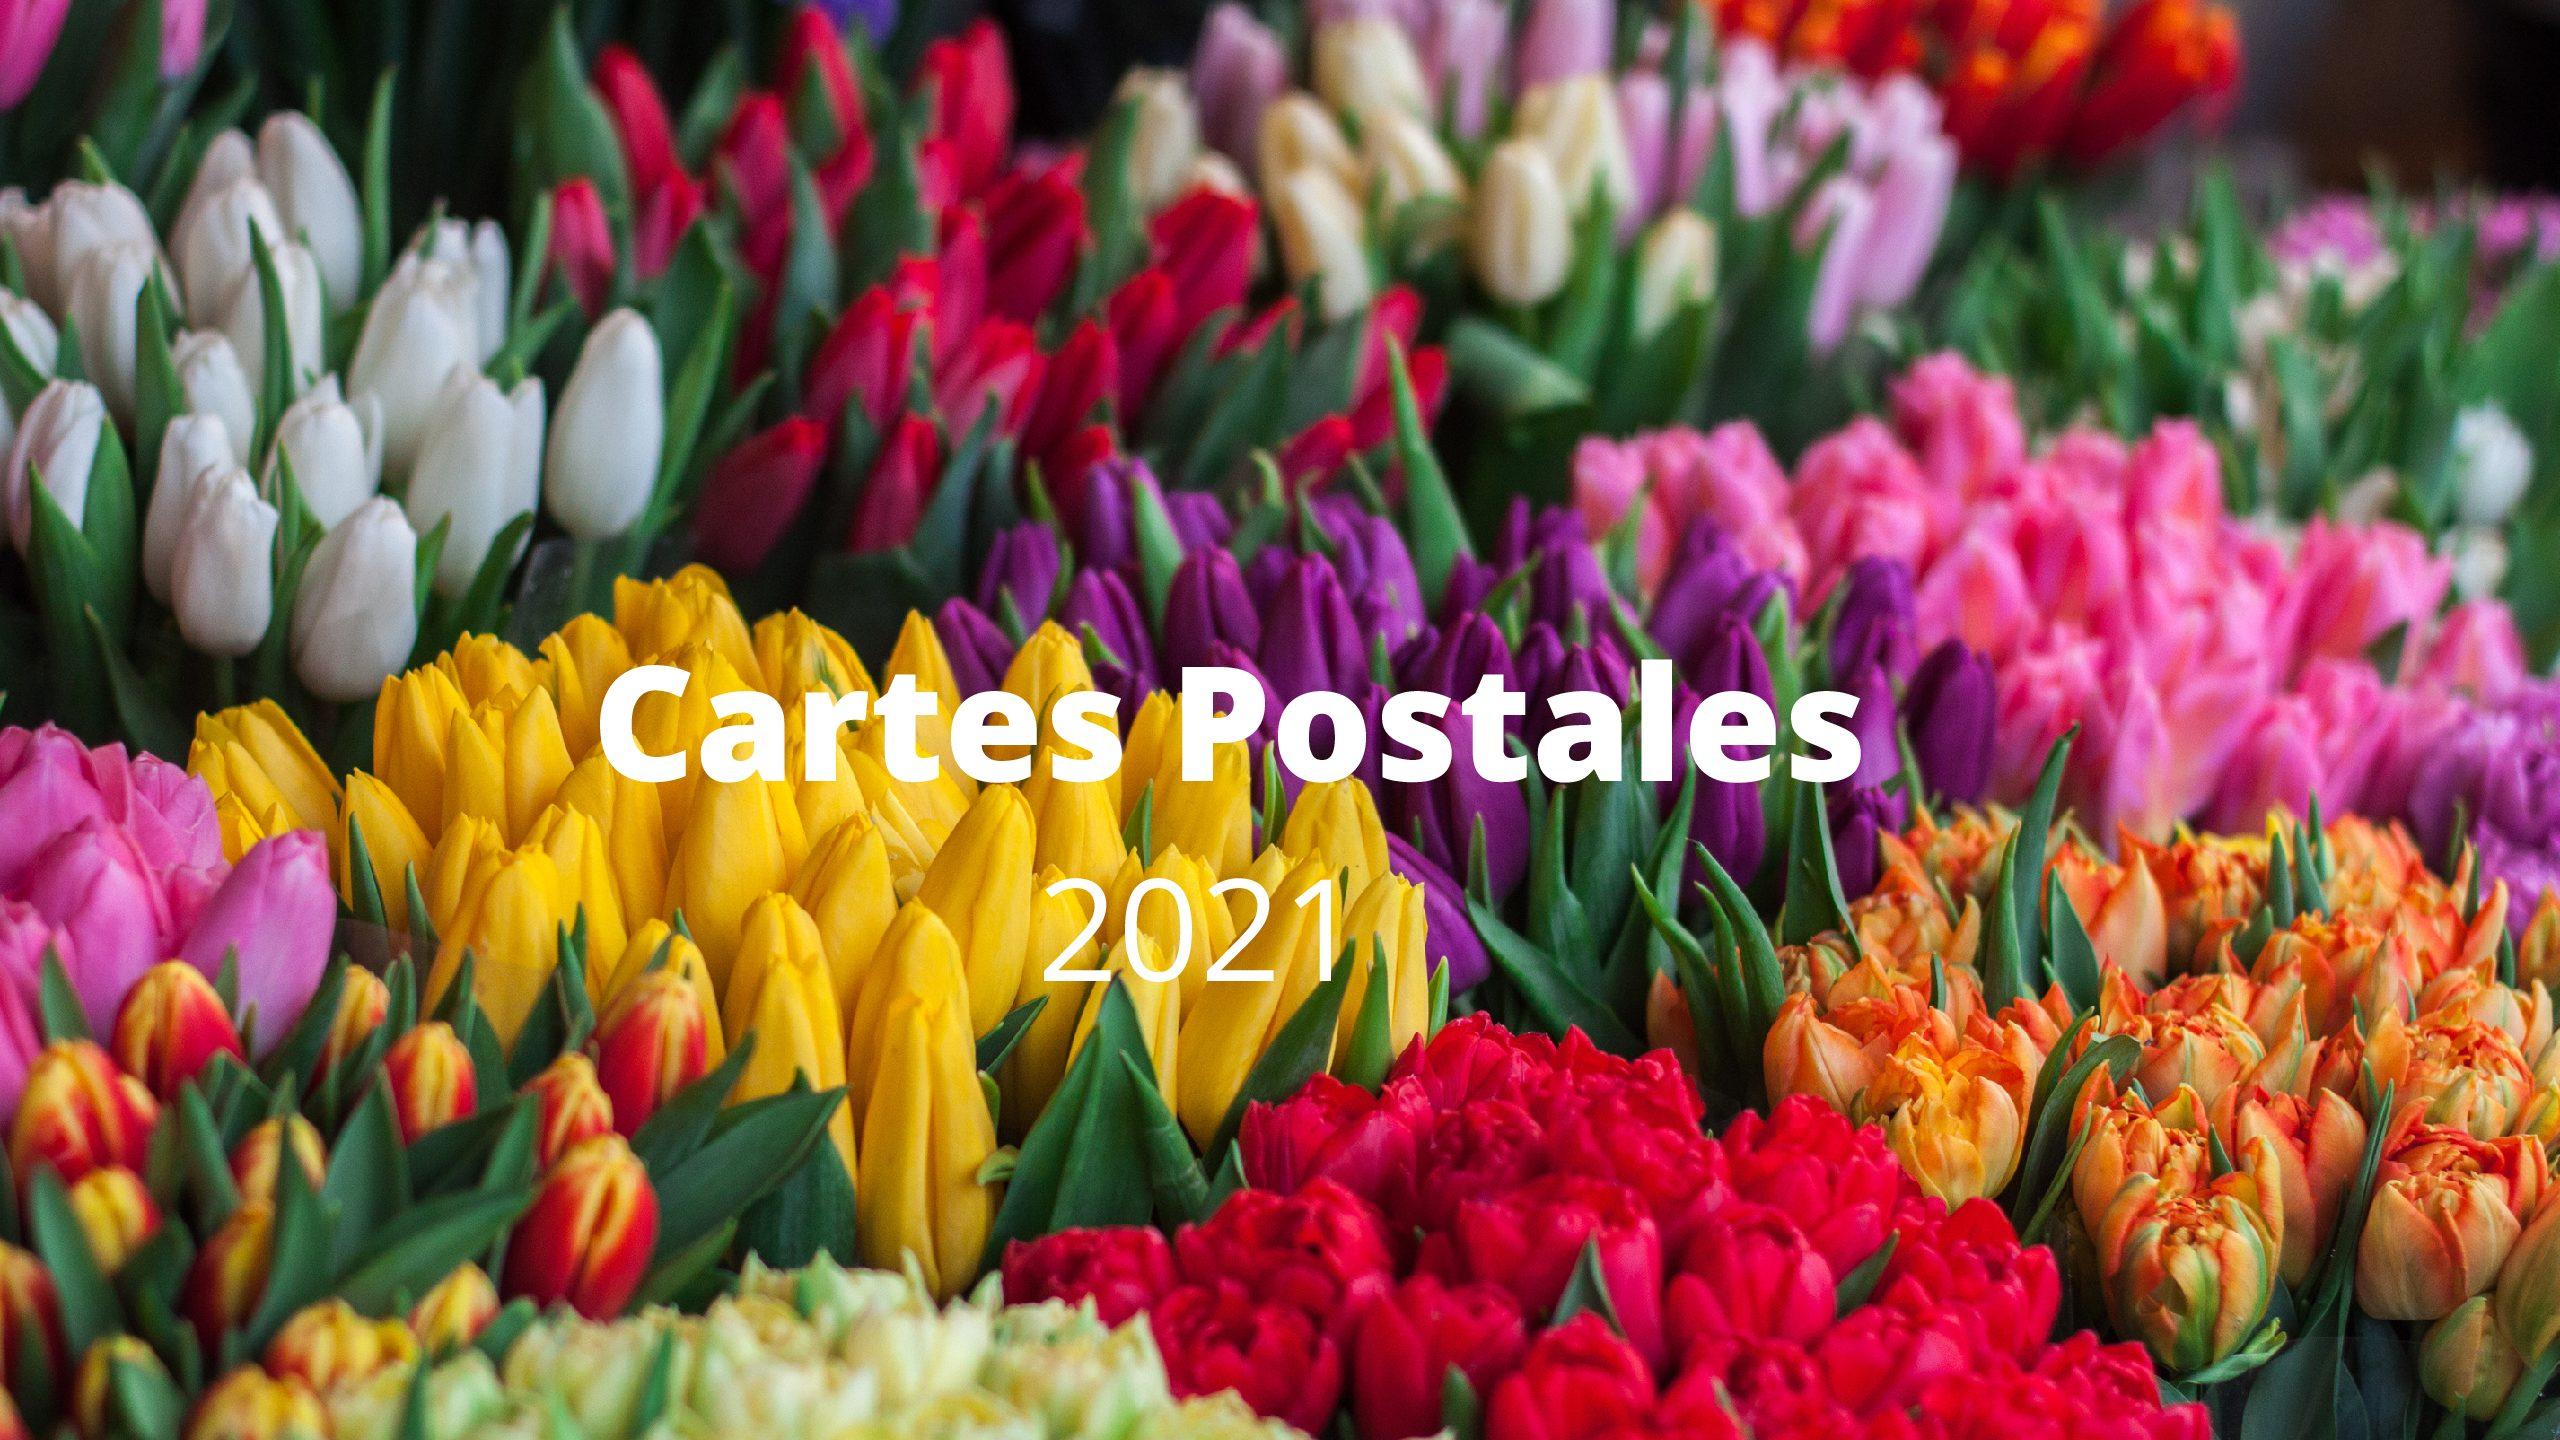 Cartes Postales 2021 (4ème partie) : Laquelle préférez-vous?